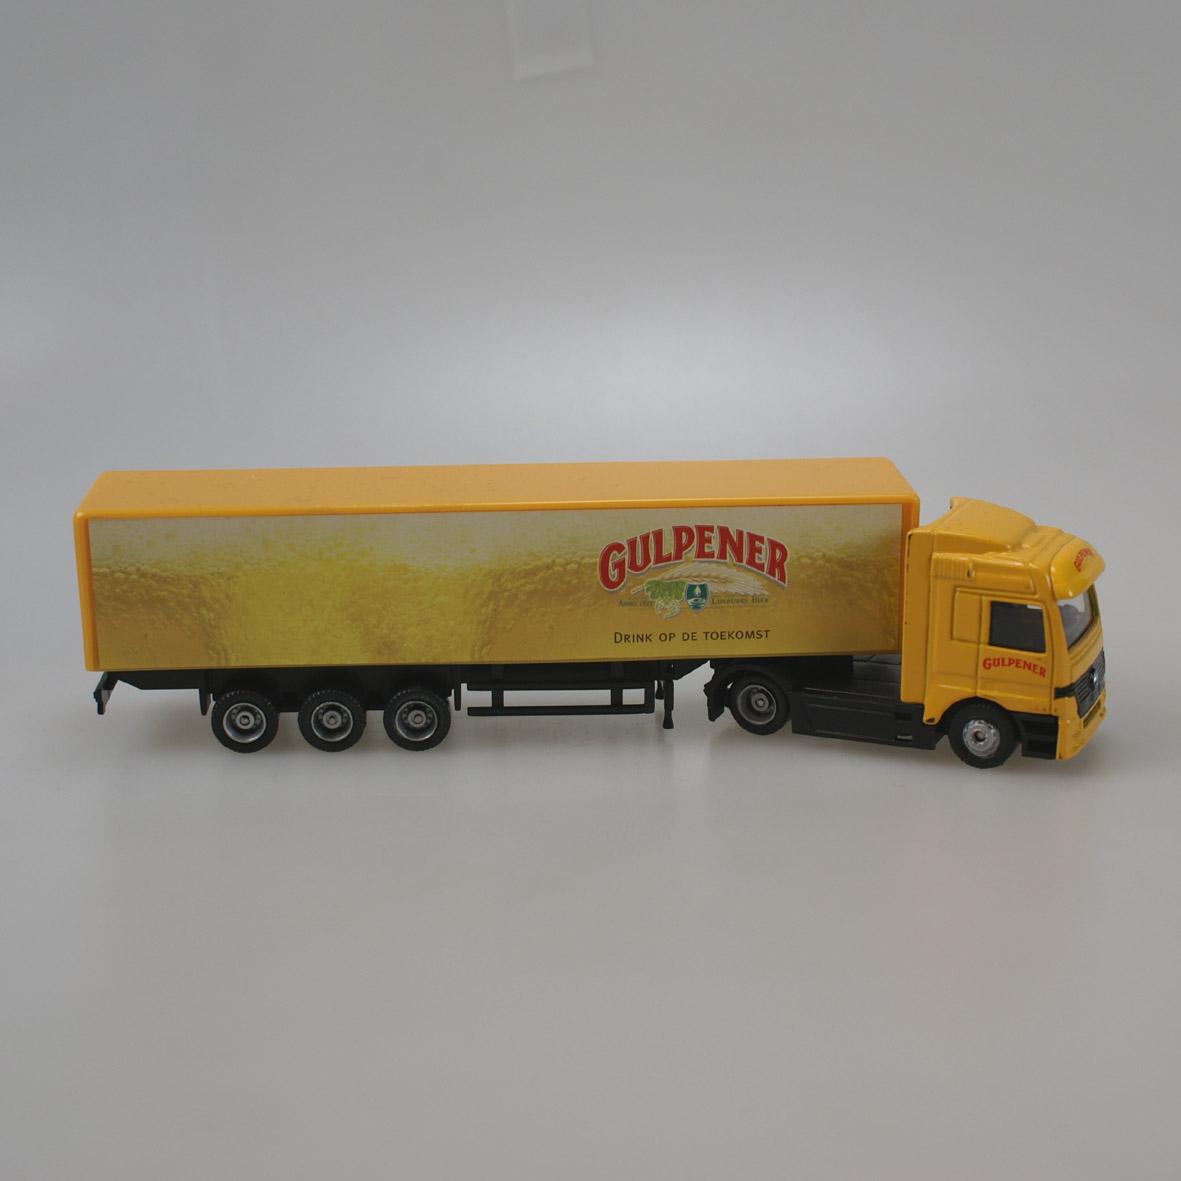 die cast scale model Gulpener truck